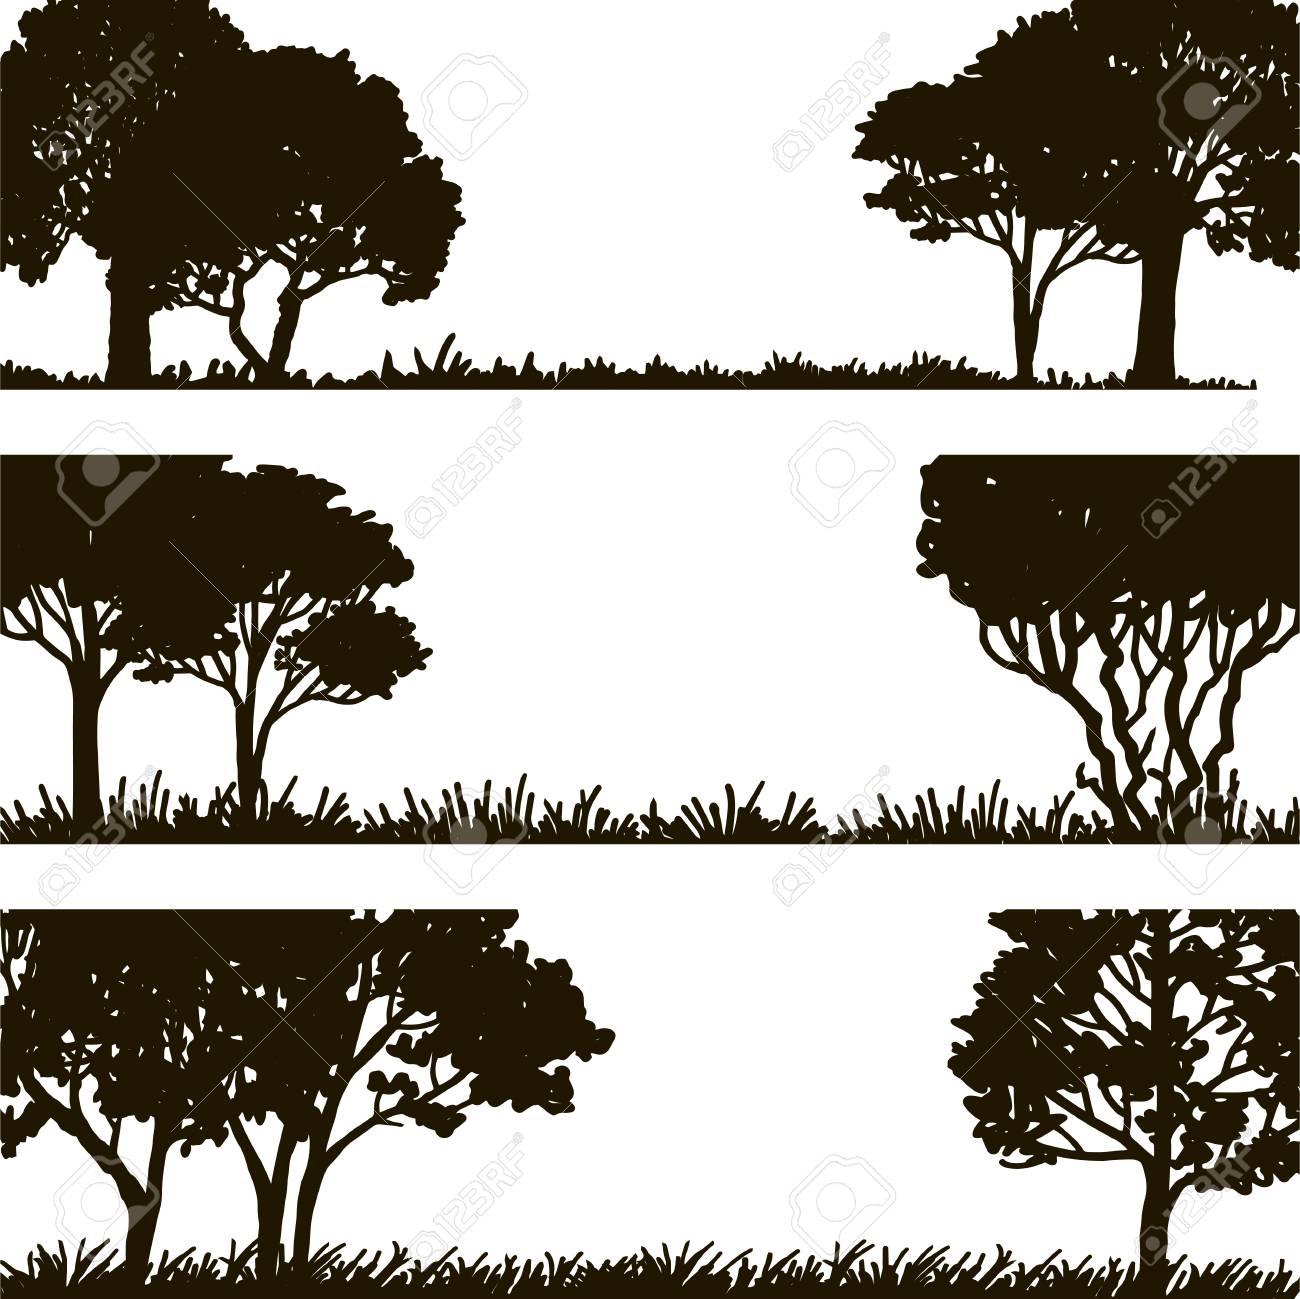 Paisajes Forestales, Silueta De Los árboles Y La Hierba, Plantilla ...